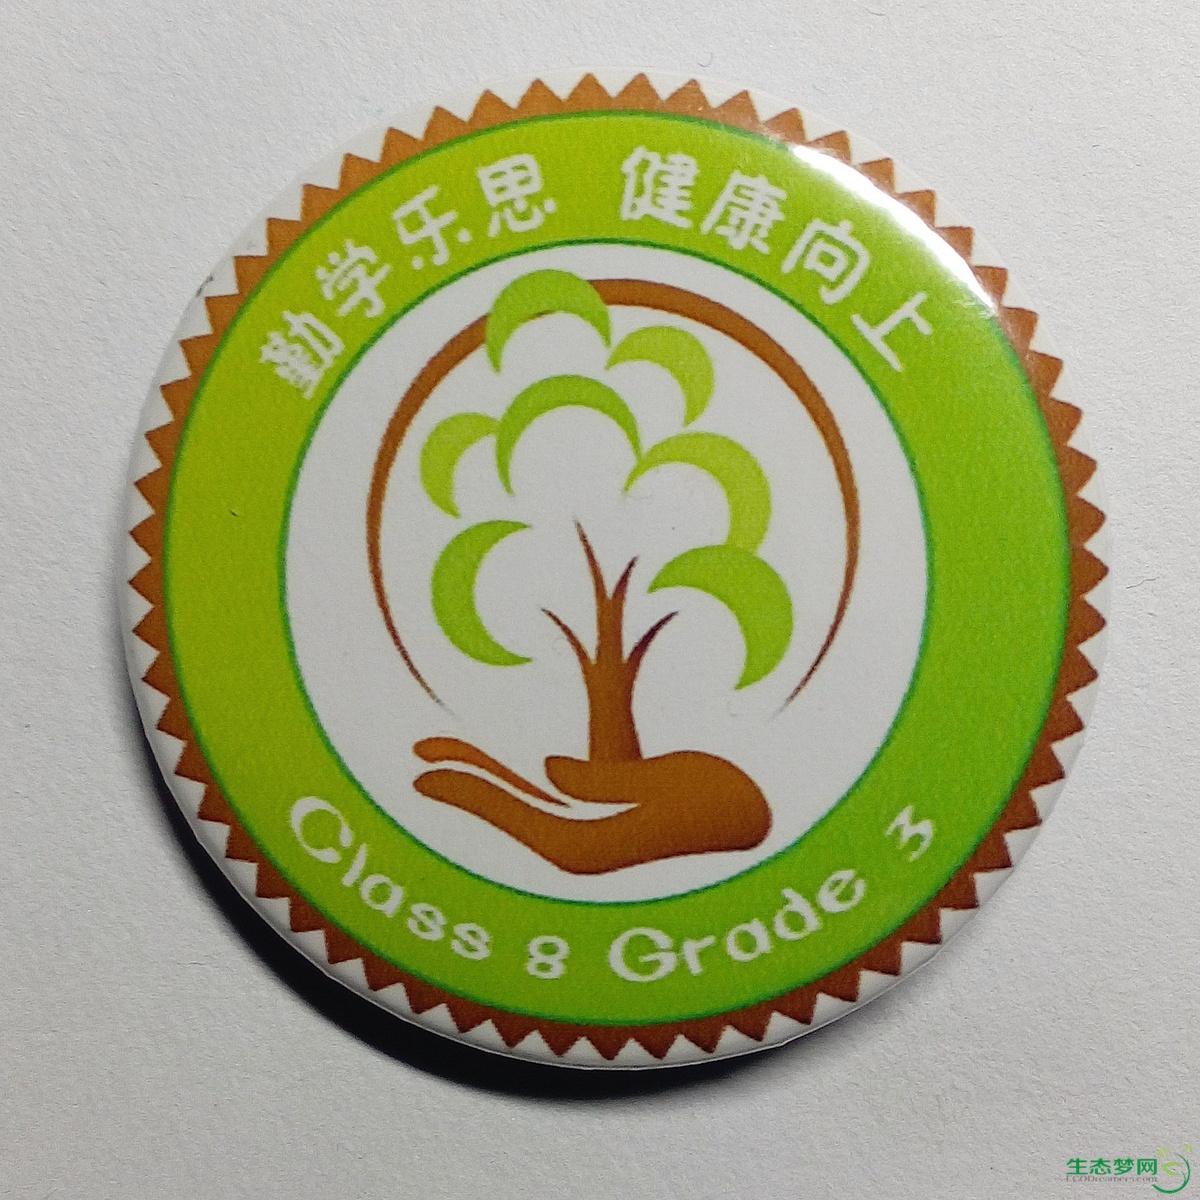 三年级设计手绘班徽